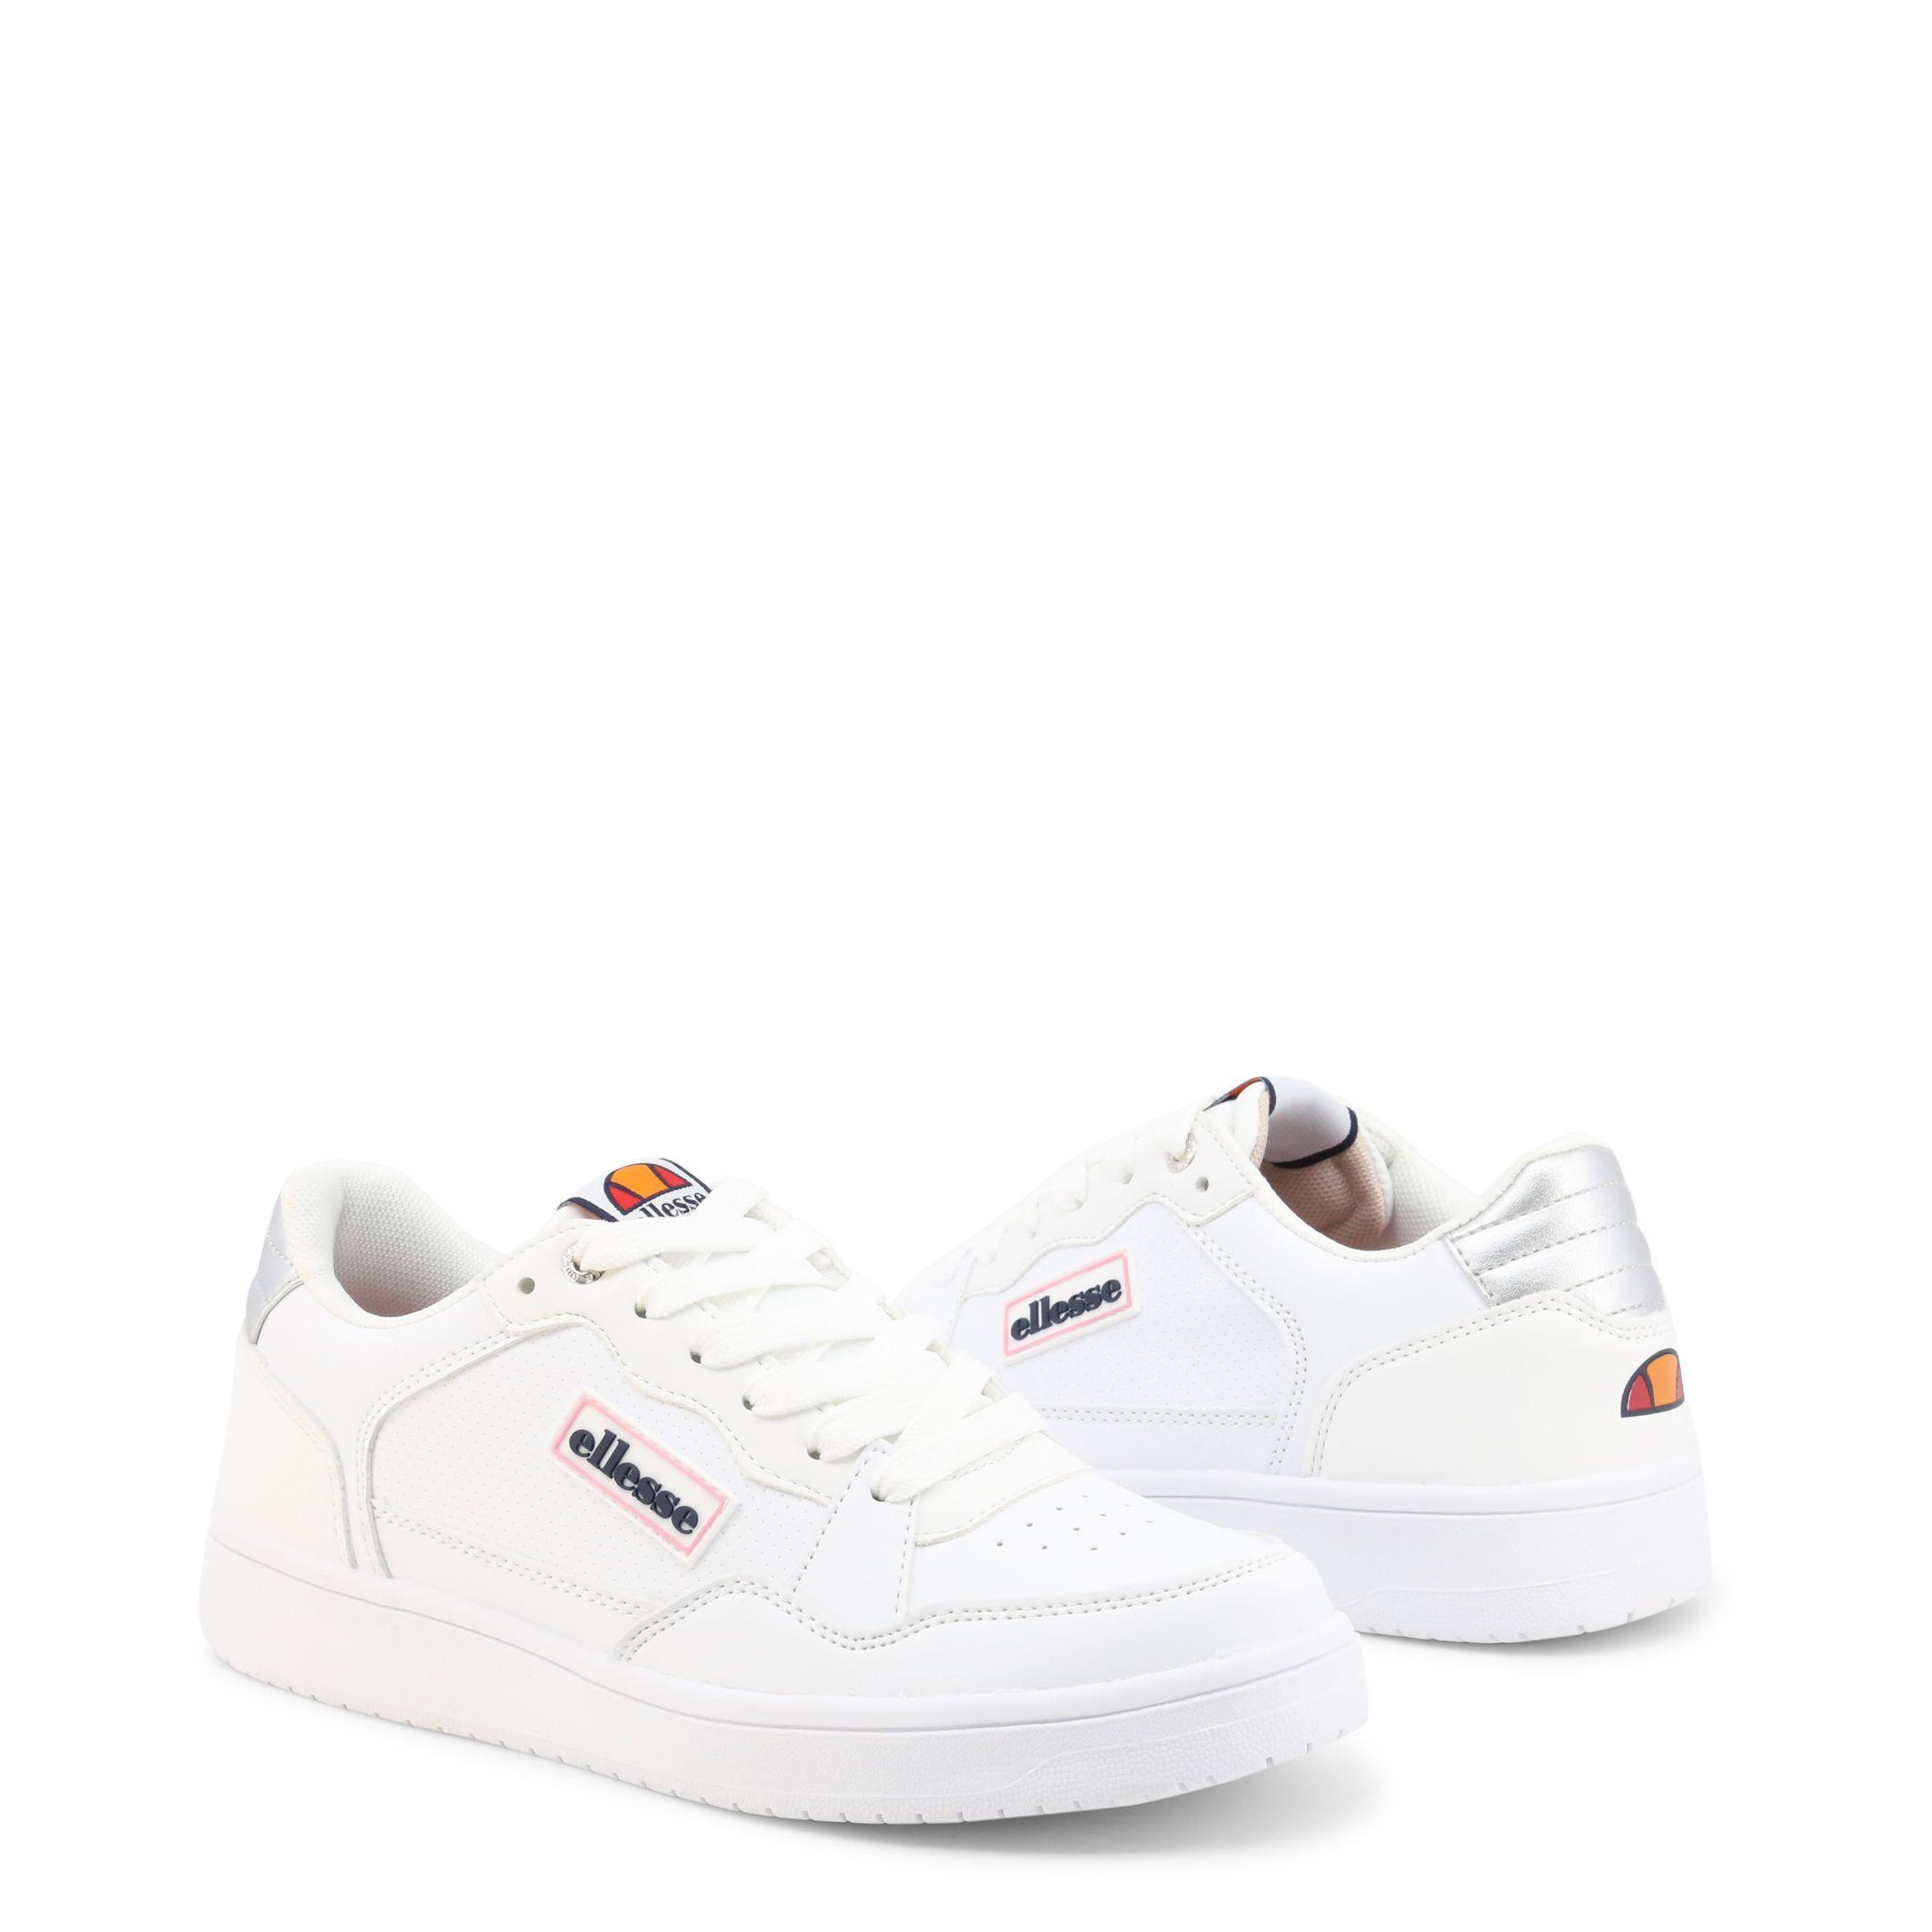 Ellesse – EL11W80452 – Blanco